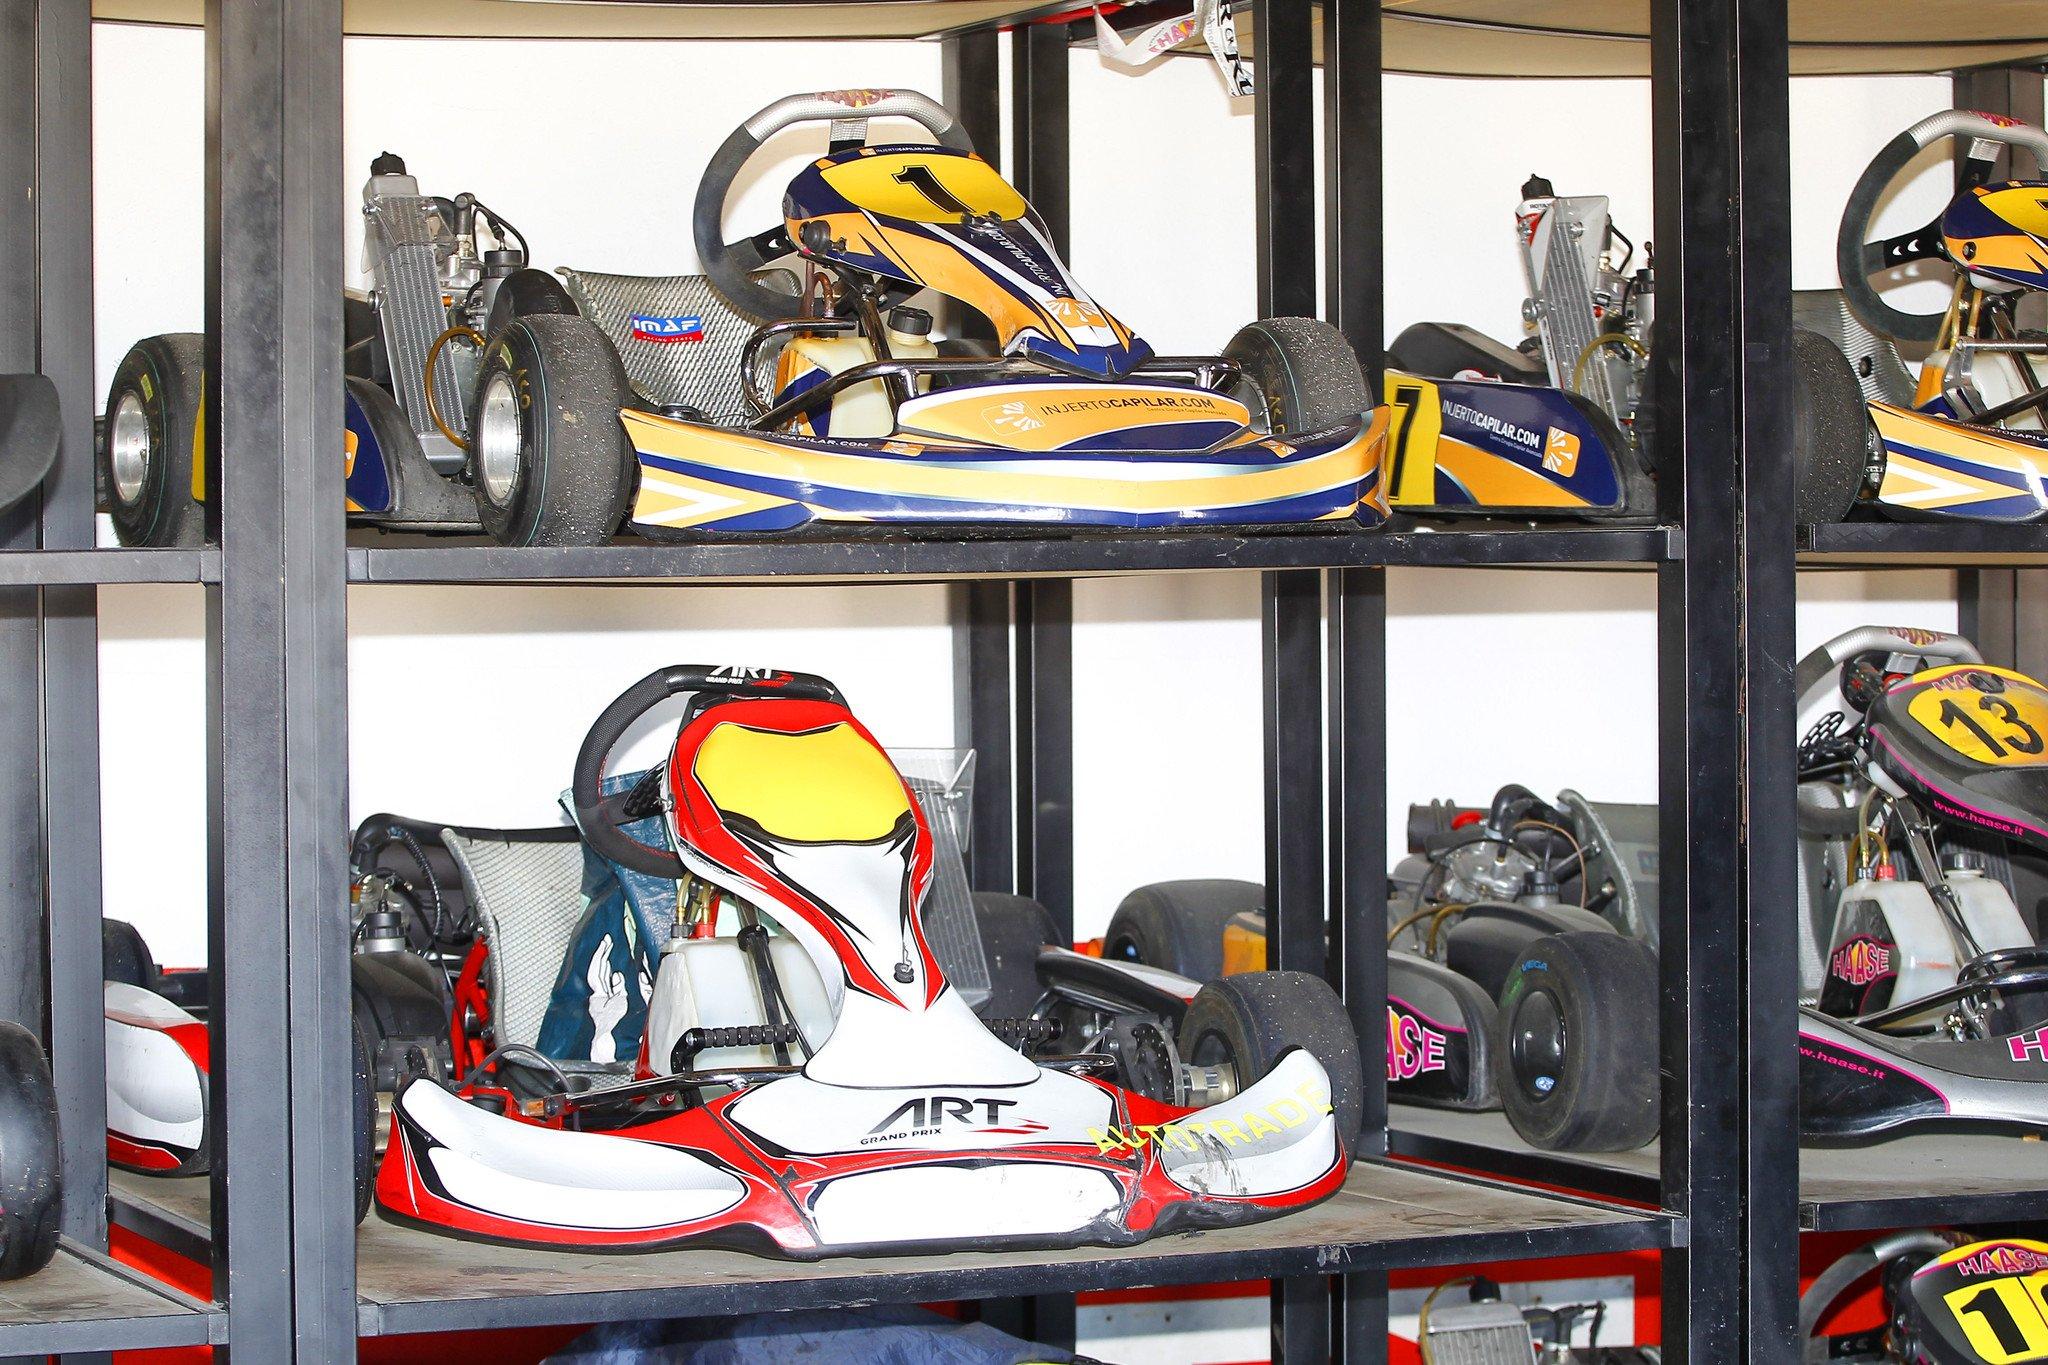 Todo sobre karting: consejos, normas y equipación necesaria